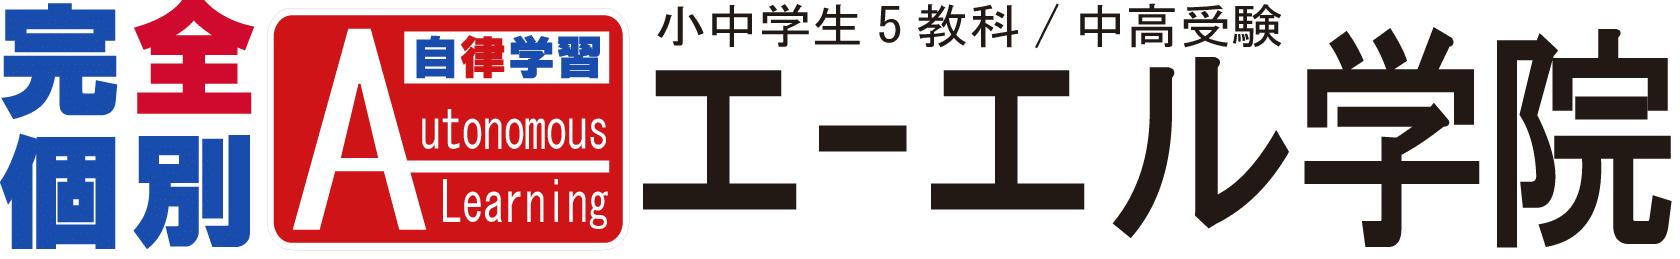 【ふじみ野】エーエル学院 完全個別の自律学習塾|プログラミング講座開講!